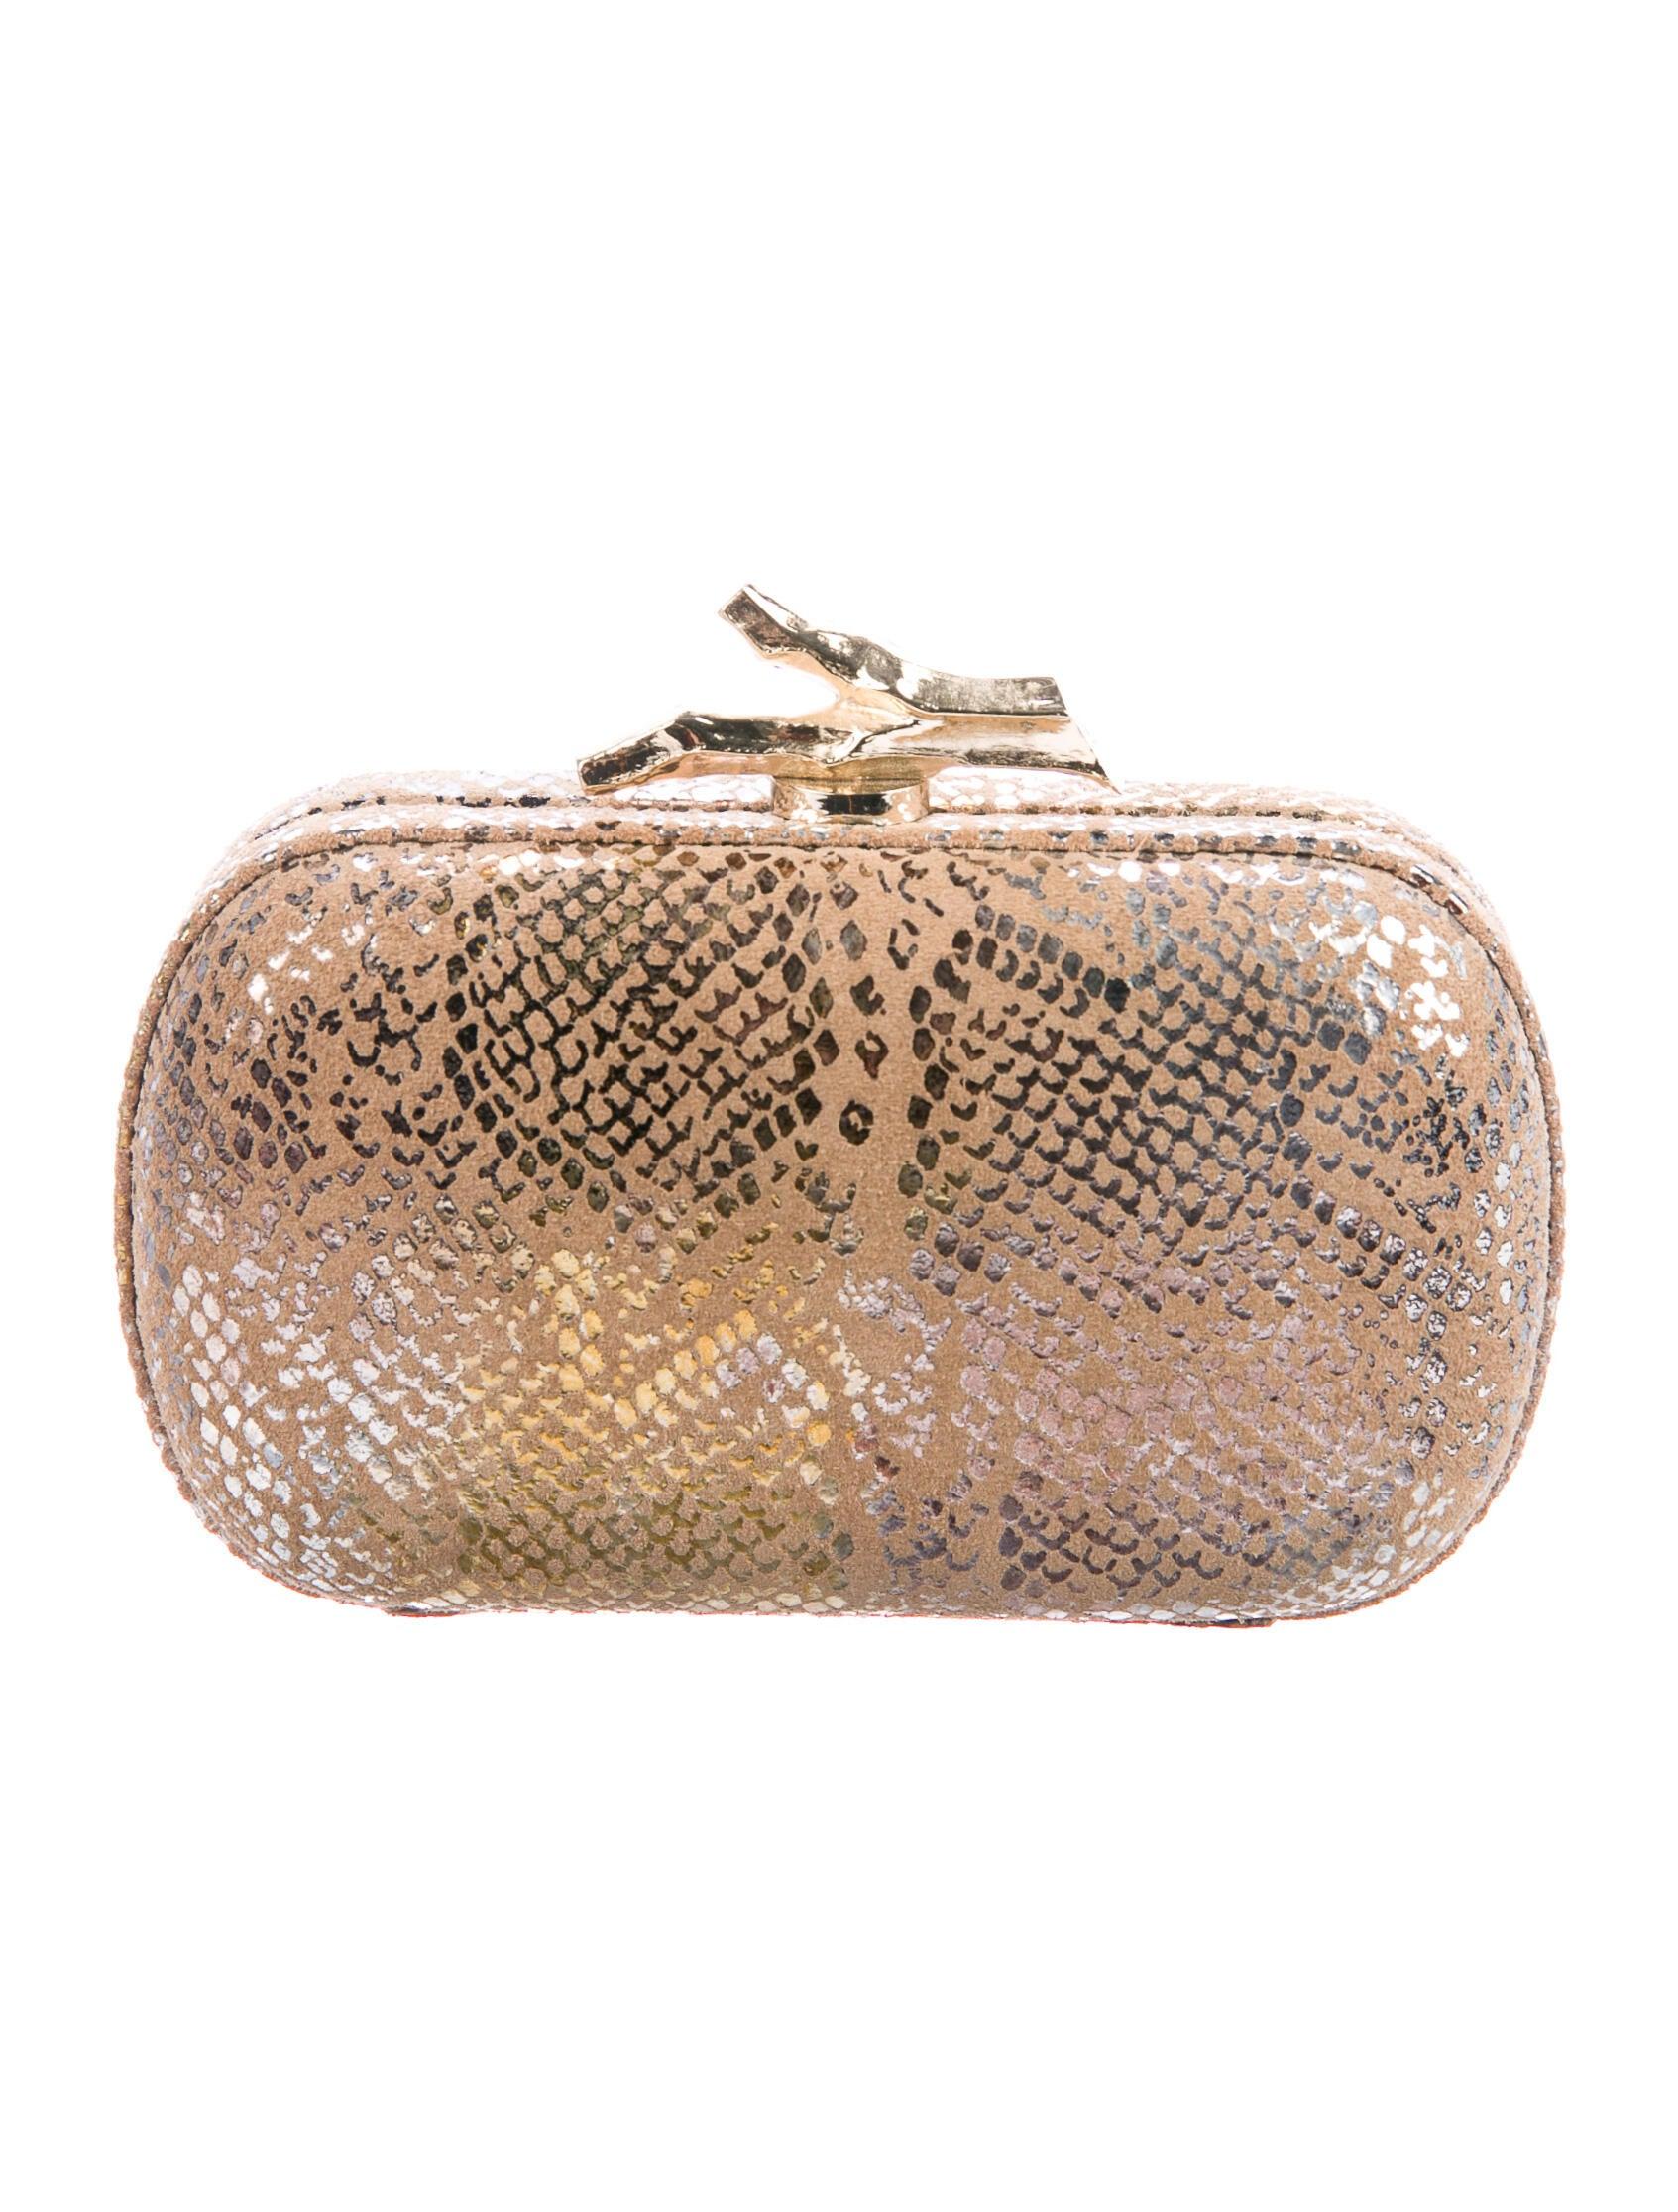 Diane von Furstenberg Metallic Lytton Clutch - Handbags -           WDI280038   The RealReal